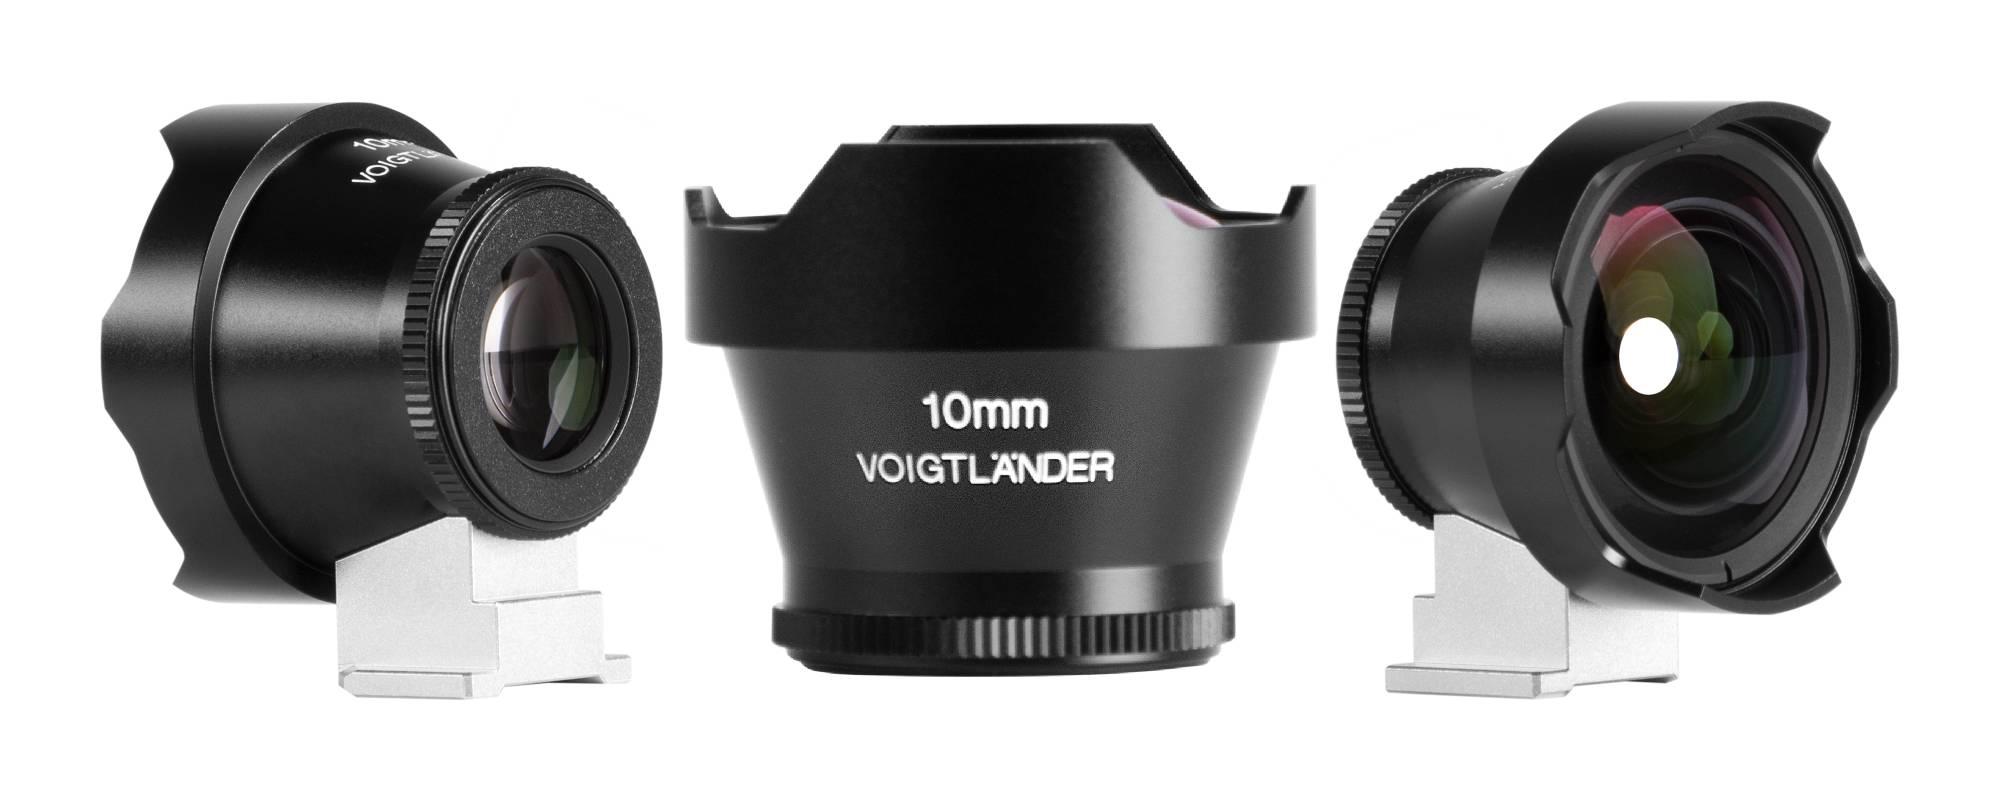 Wizjer Voigtlander Viewfinder - 10 mm - widok z przodu oraz z boku